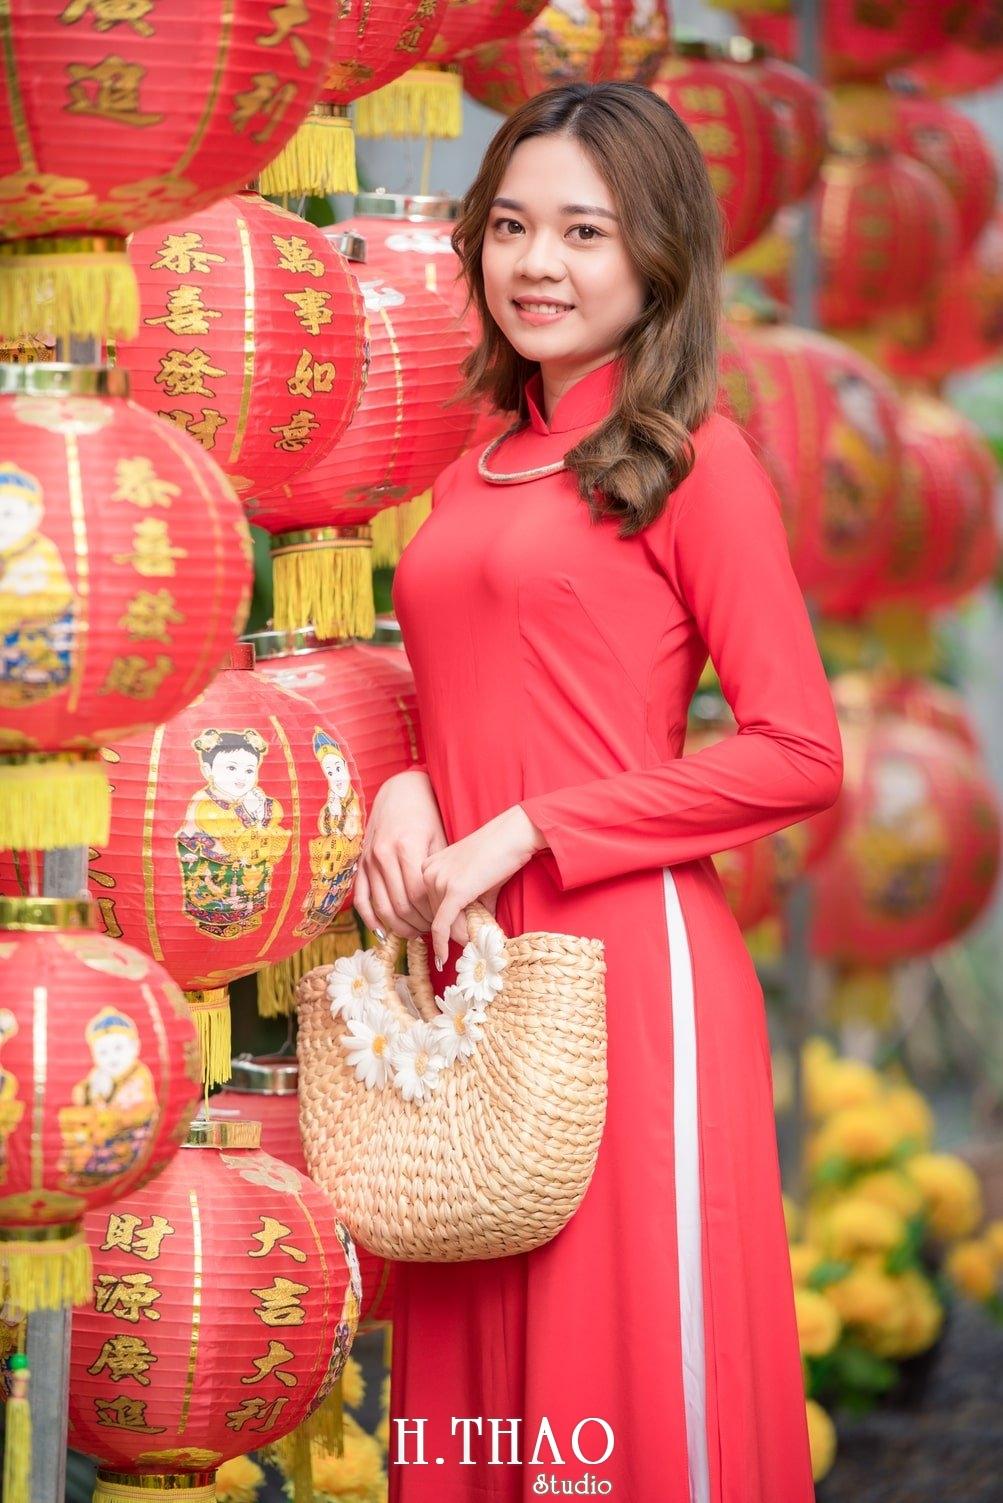 Ao dai tet do 16 - Top 40 ảnh áo dài chụp với Hoa đào, hoa mai tết tuyệt đẹp- HThao Studio